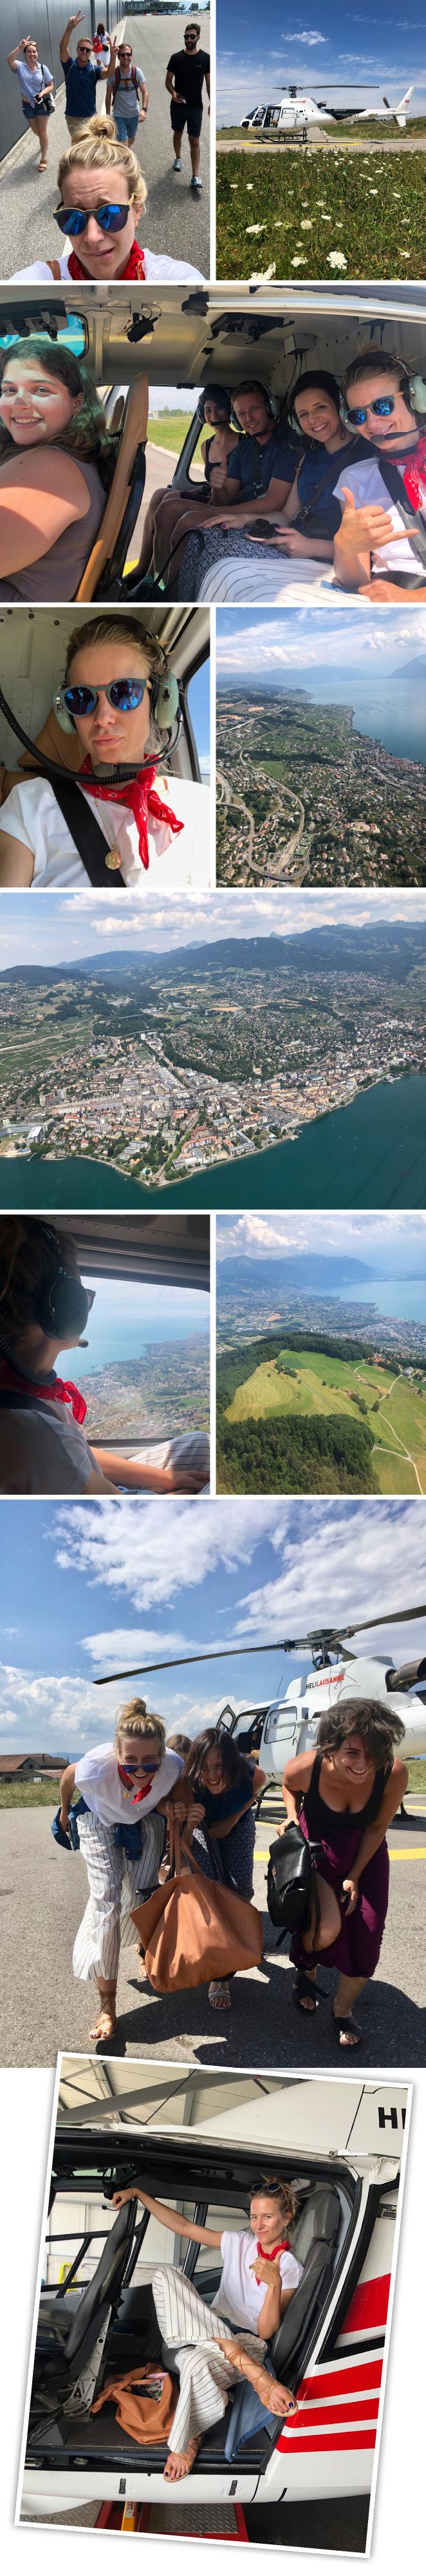 Como broche final, nada como admirar el encanto de la ciudad desde el aire y de los paisajes que la rodean y para eso, tuve que armarme de valor y quitarme el miedo a montar en helicóptero, ya que la experiencia merecía la pena!!Los periplos los organizan Heli-Lausanney lo hacen de maravilla.